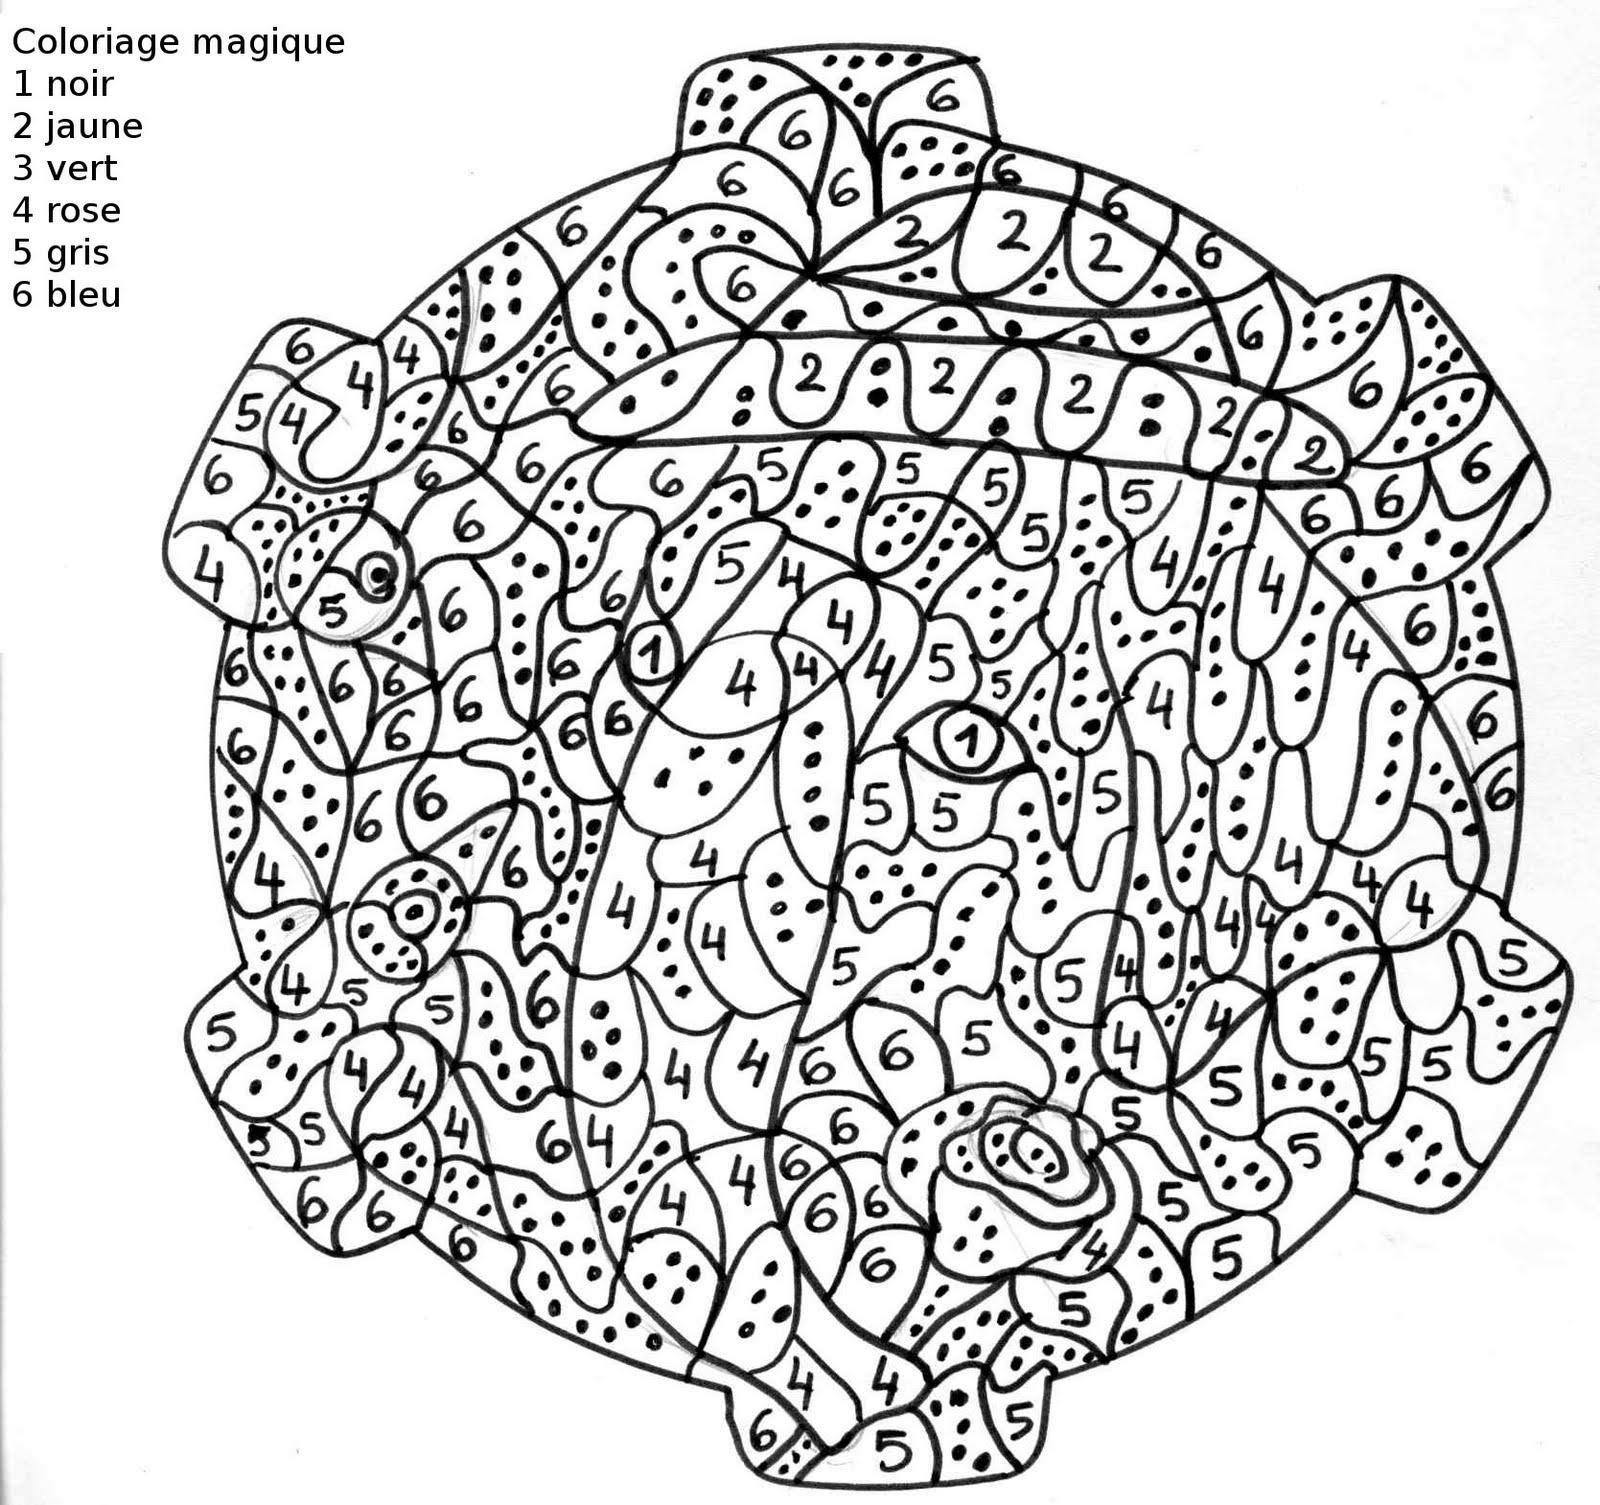 Maternelle coloriage magique maternelle un l phant au - Coloriage magique elephant ...